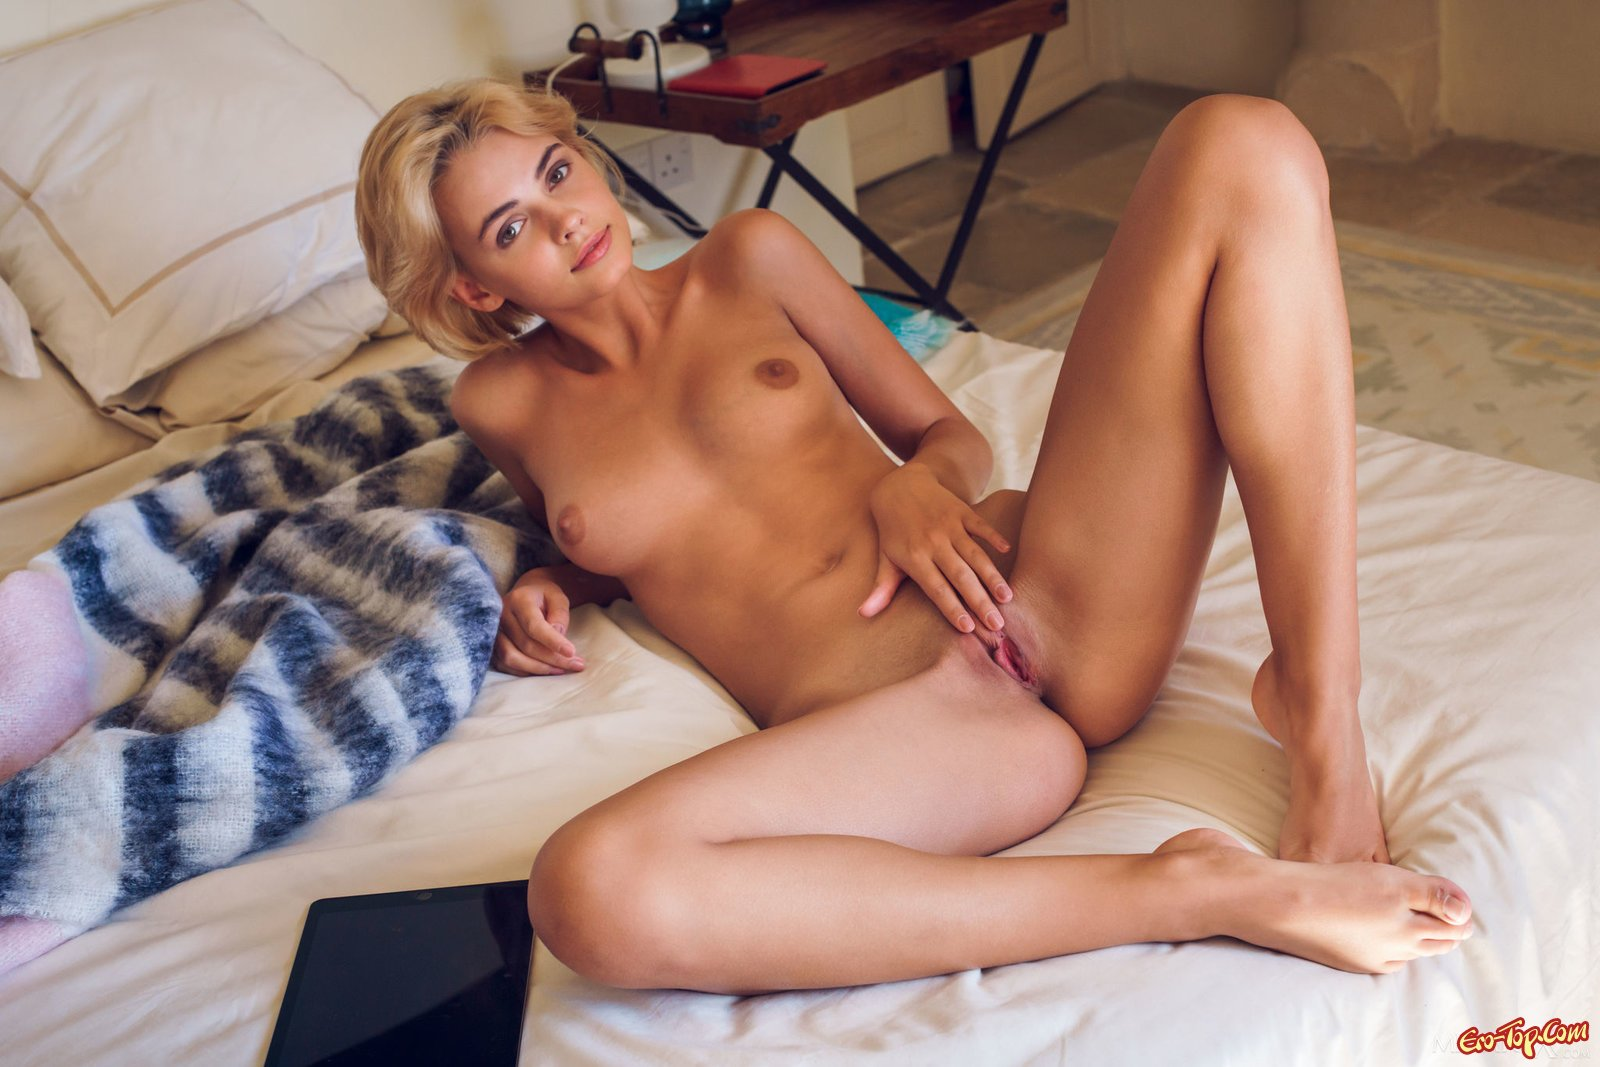 Милашка с выбритой киской теребит дырку пальчиком секс фото